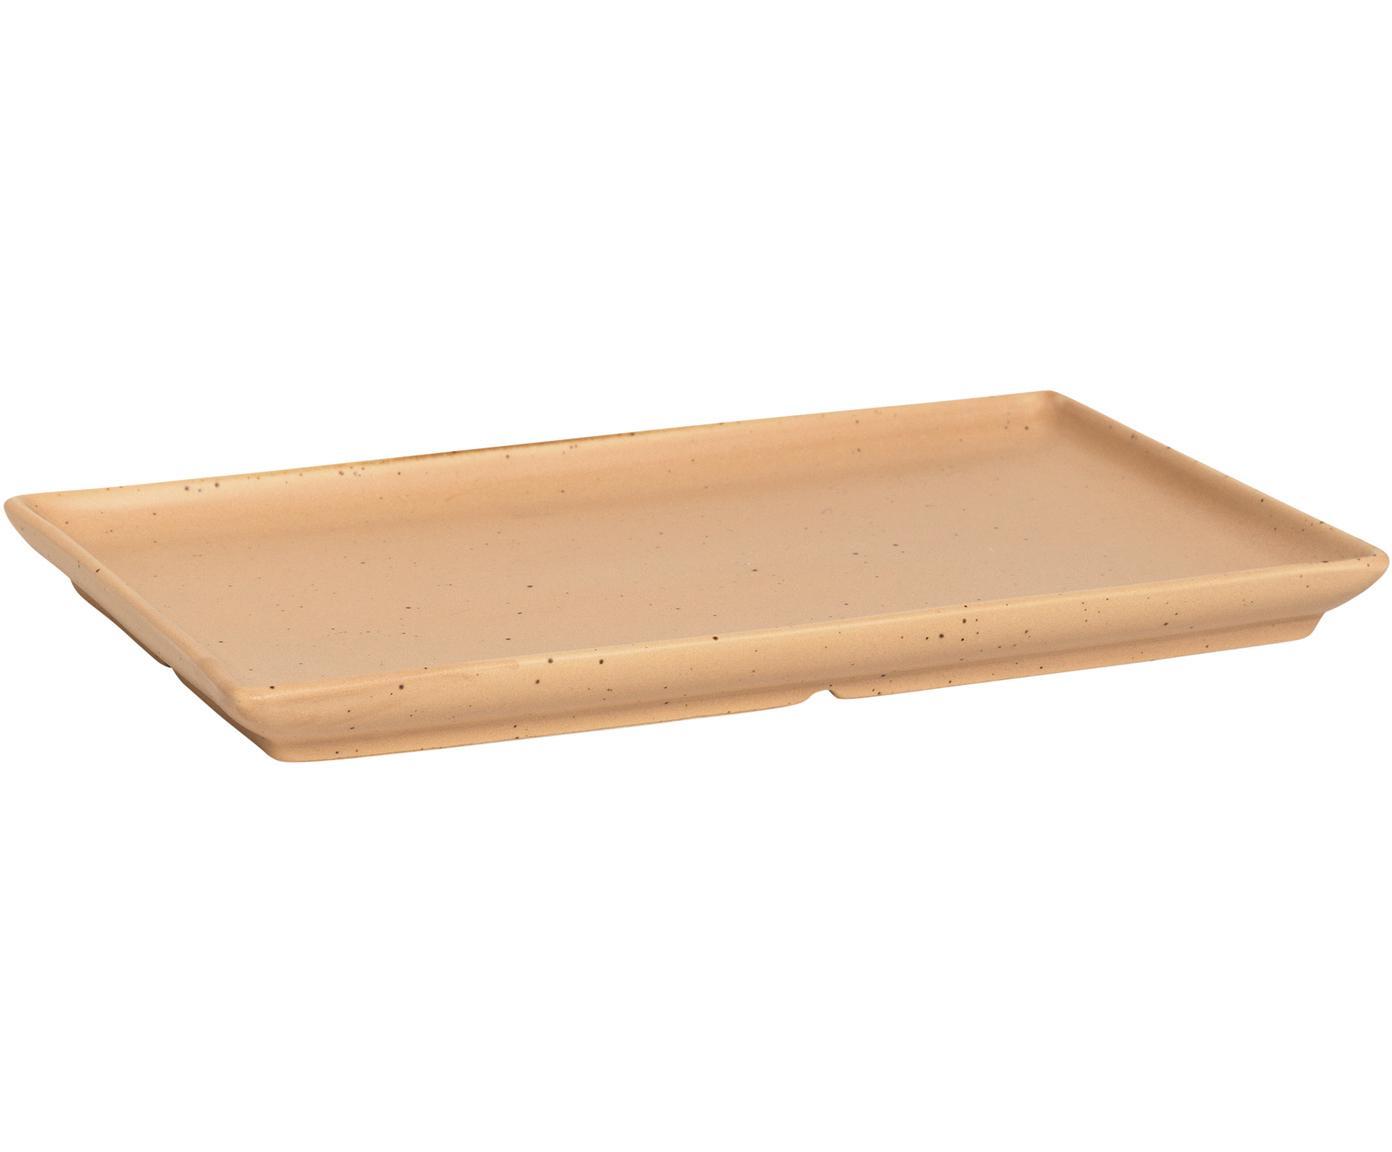 Steingut-Teller Eli mit mattem Finish, 4 Stück, Steingut, Hellbraun, Beige, 20 x 2 cm